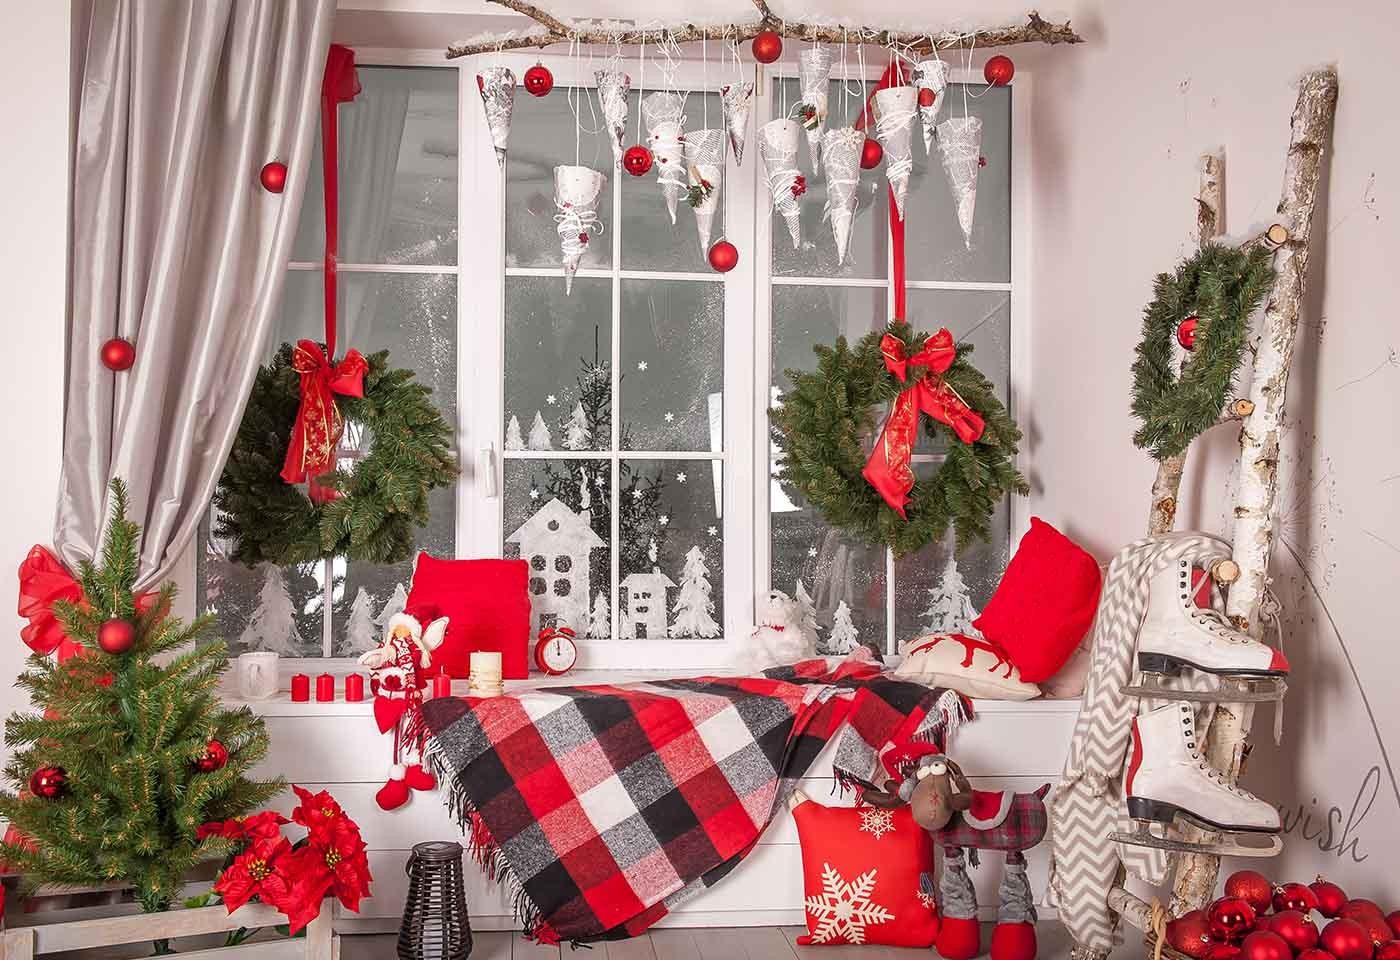 Decorazioni natalizie come sceglierle for Arredare casa a natale